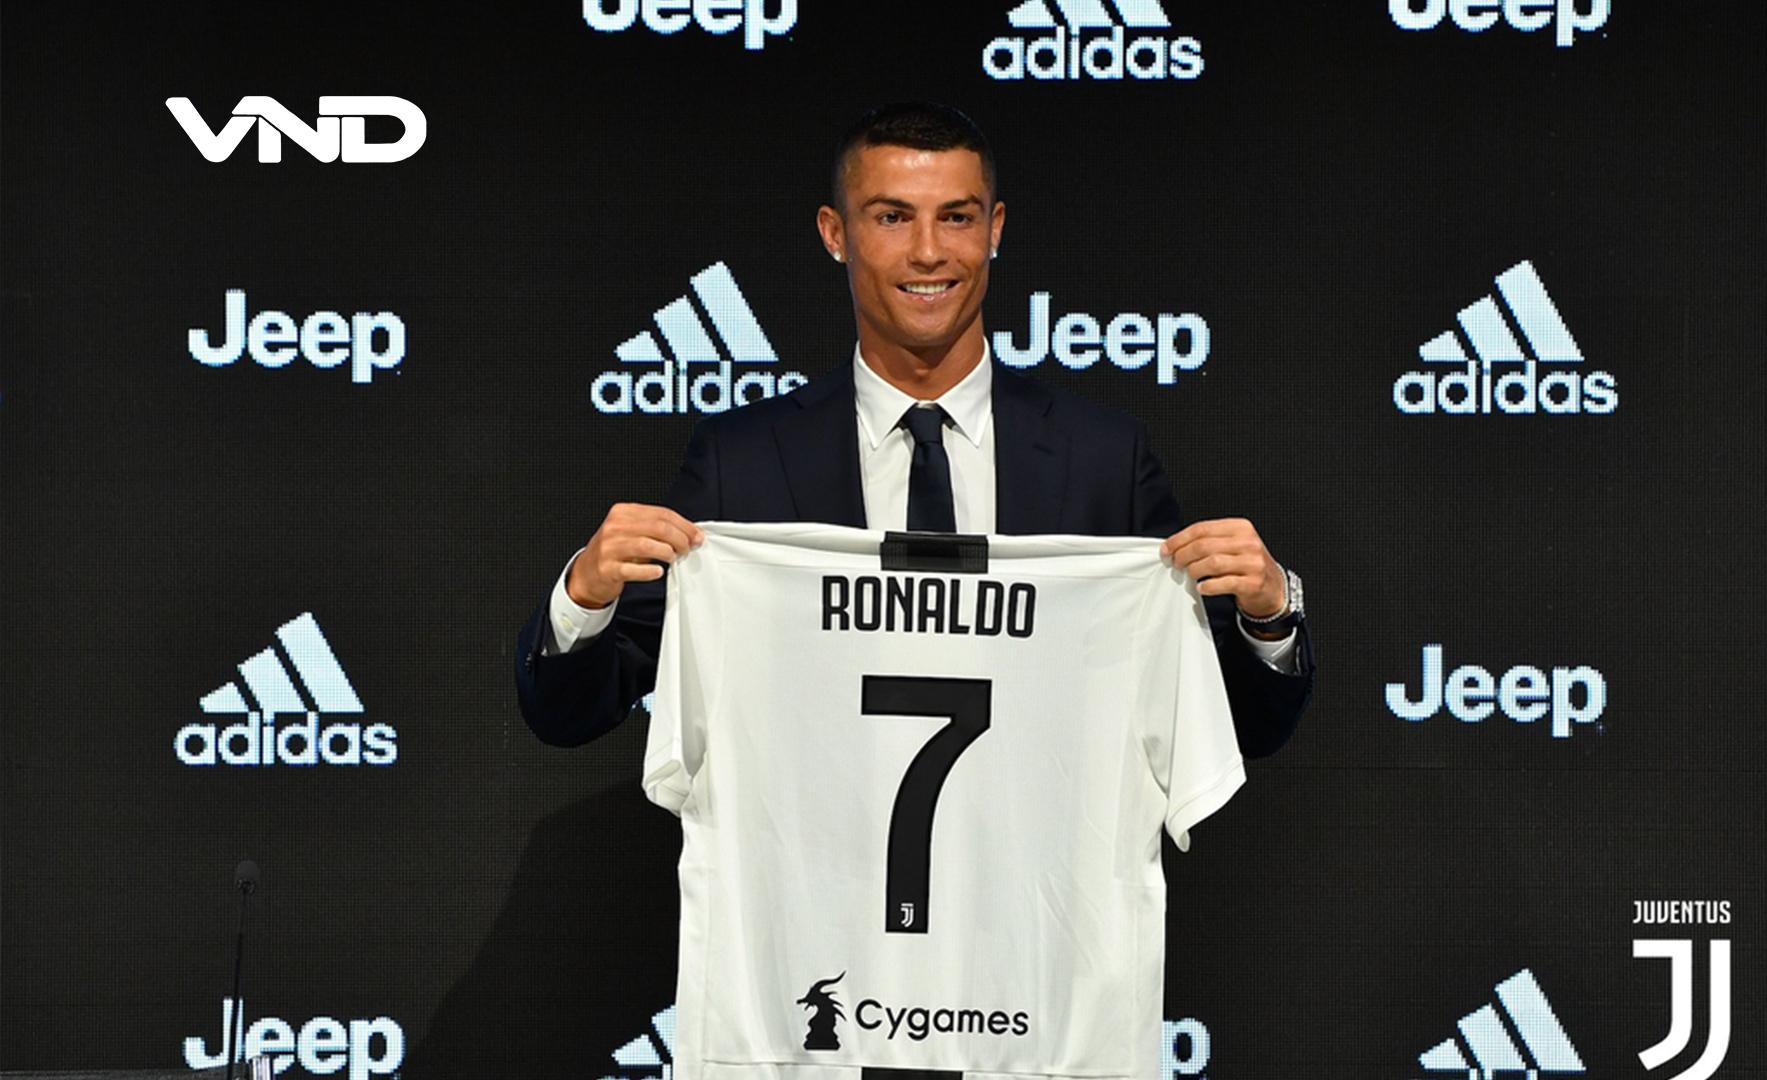 Lương của Ronaldo, siêu sao người Bồ Đào Nha, Real Madrid, Juventus